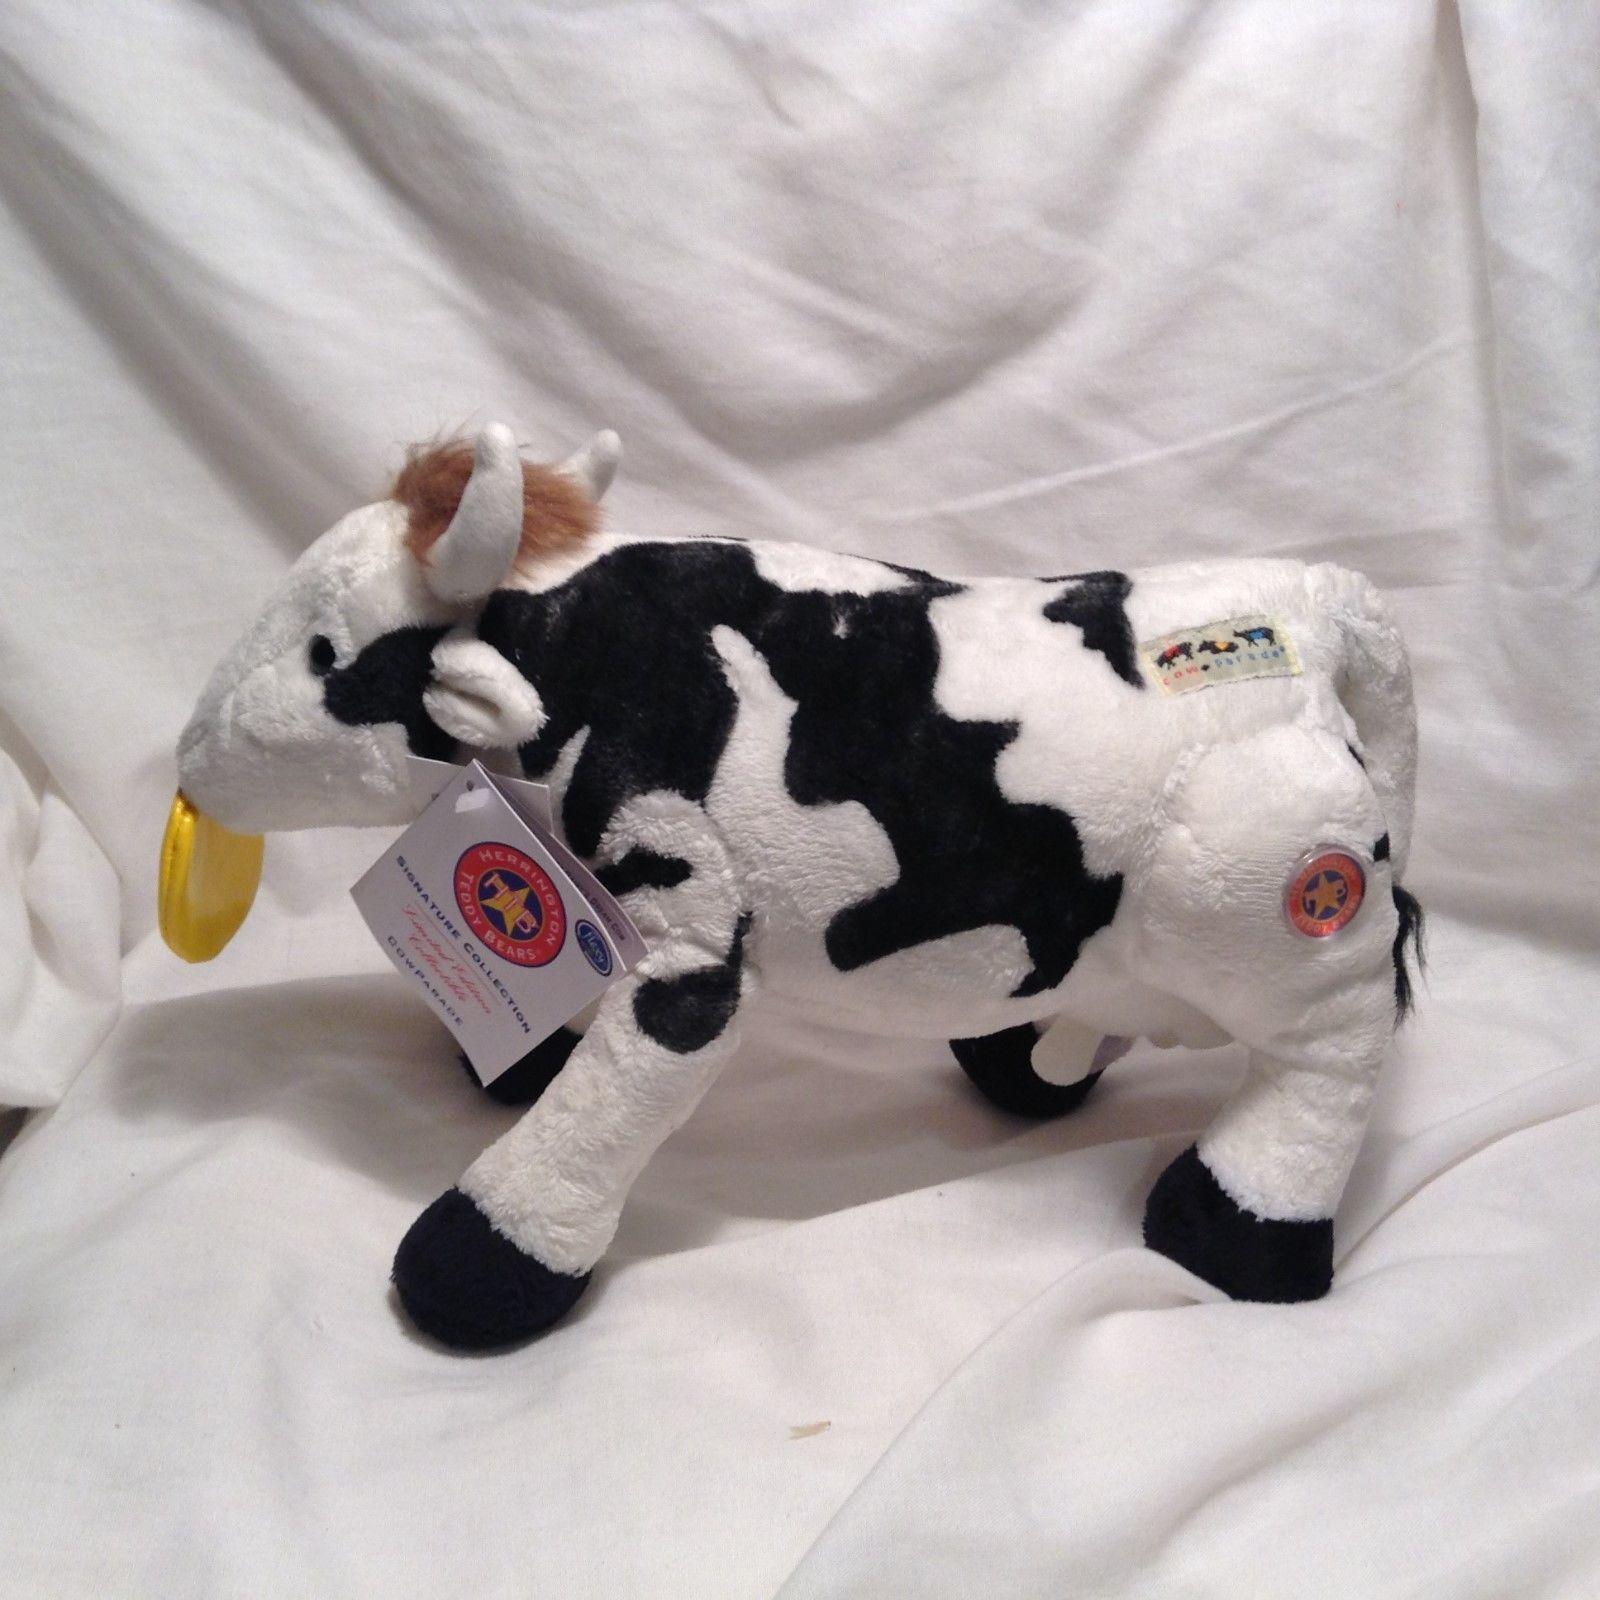 NEW Herrington Teddy Bear Limited Edition 'Daisy Dream Cow' Stuffed Animal